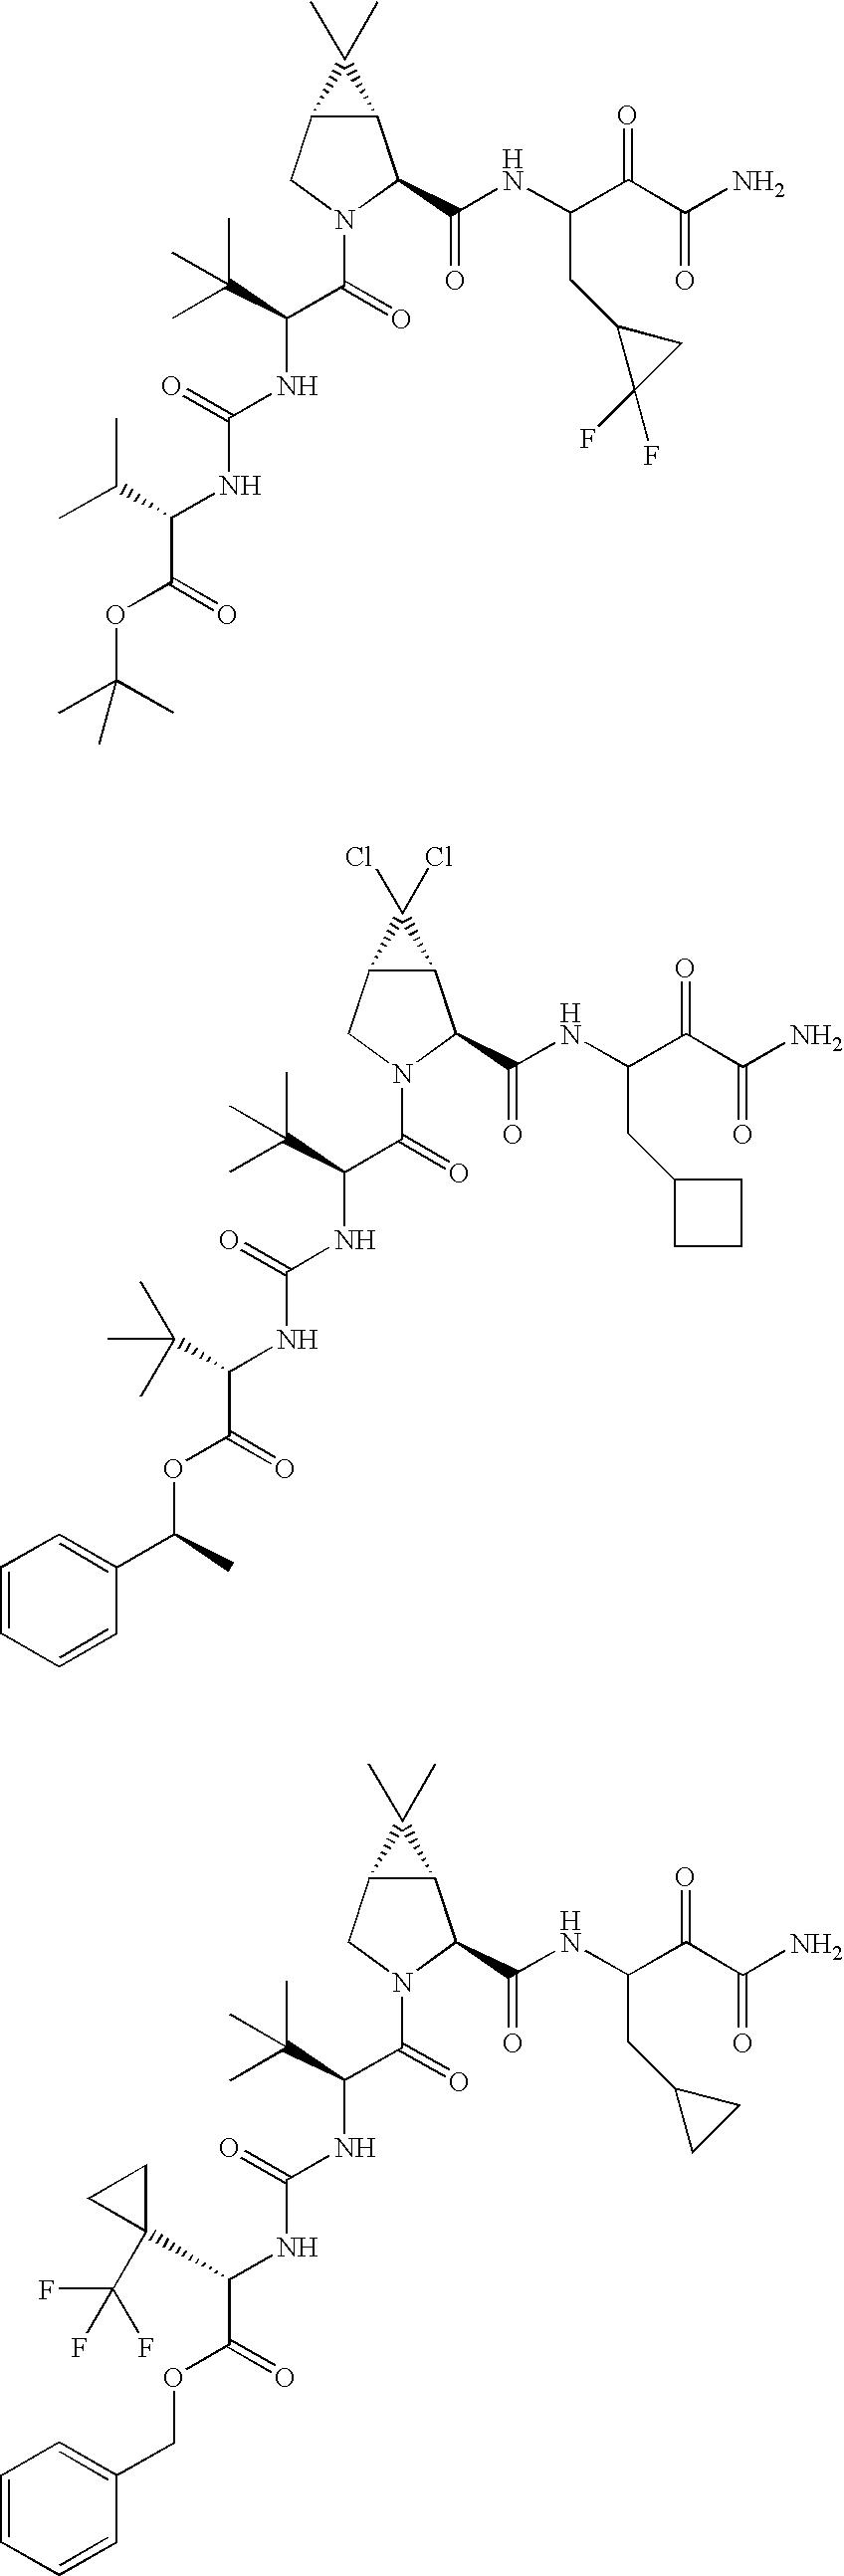 Figure US20060287248A1-20061221-C00260